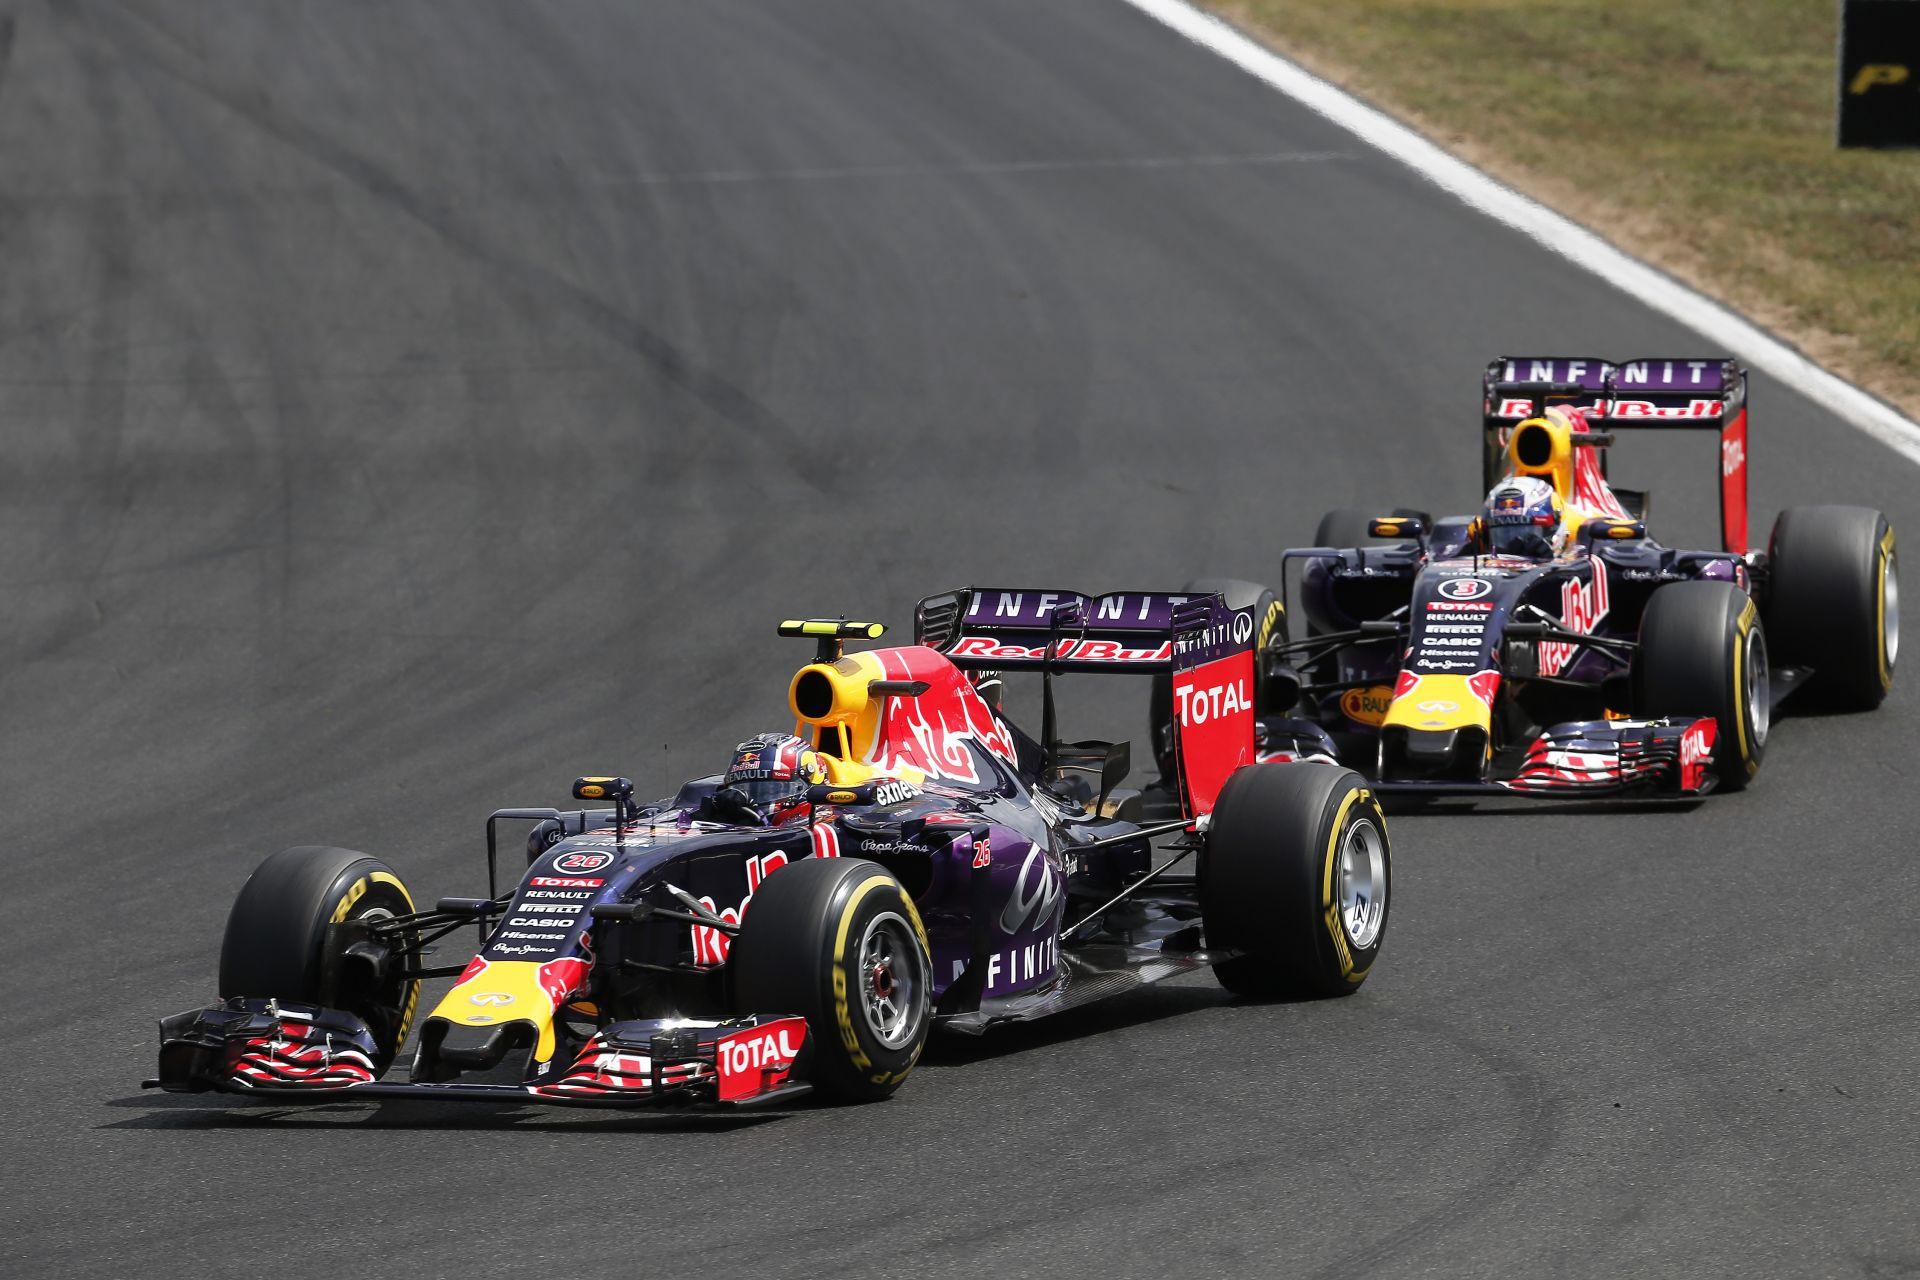 Renault: Ó a csodálatos Hungaroring - minden pályának ilyen showt kellene csinálnia!